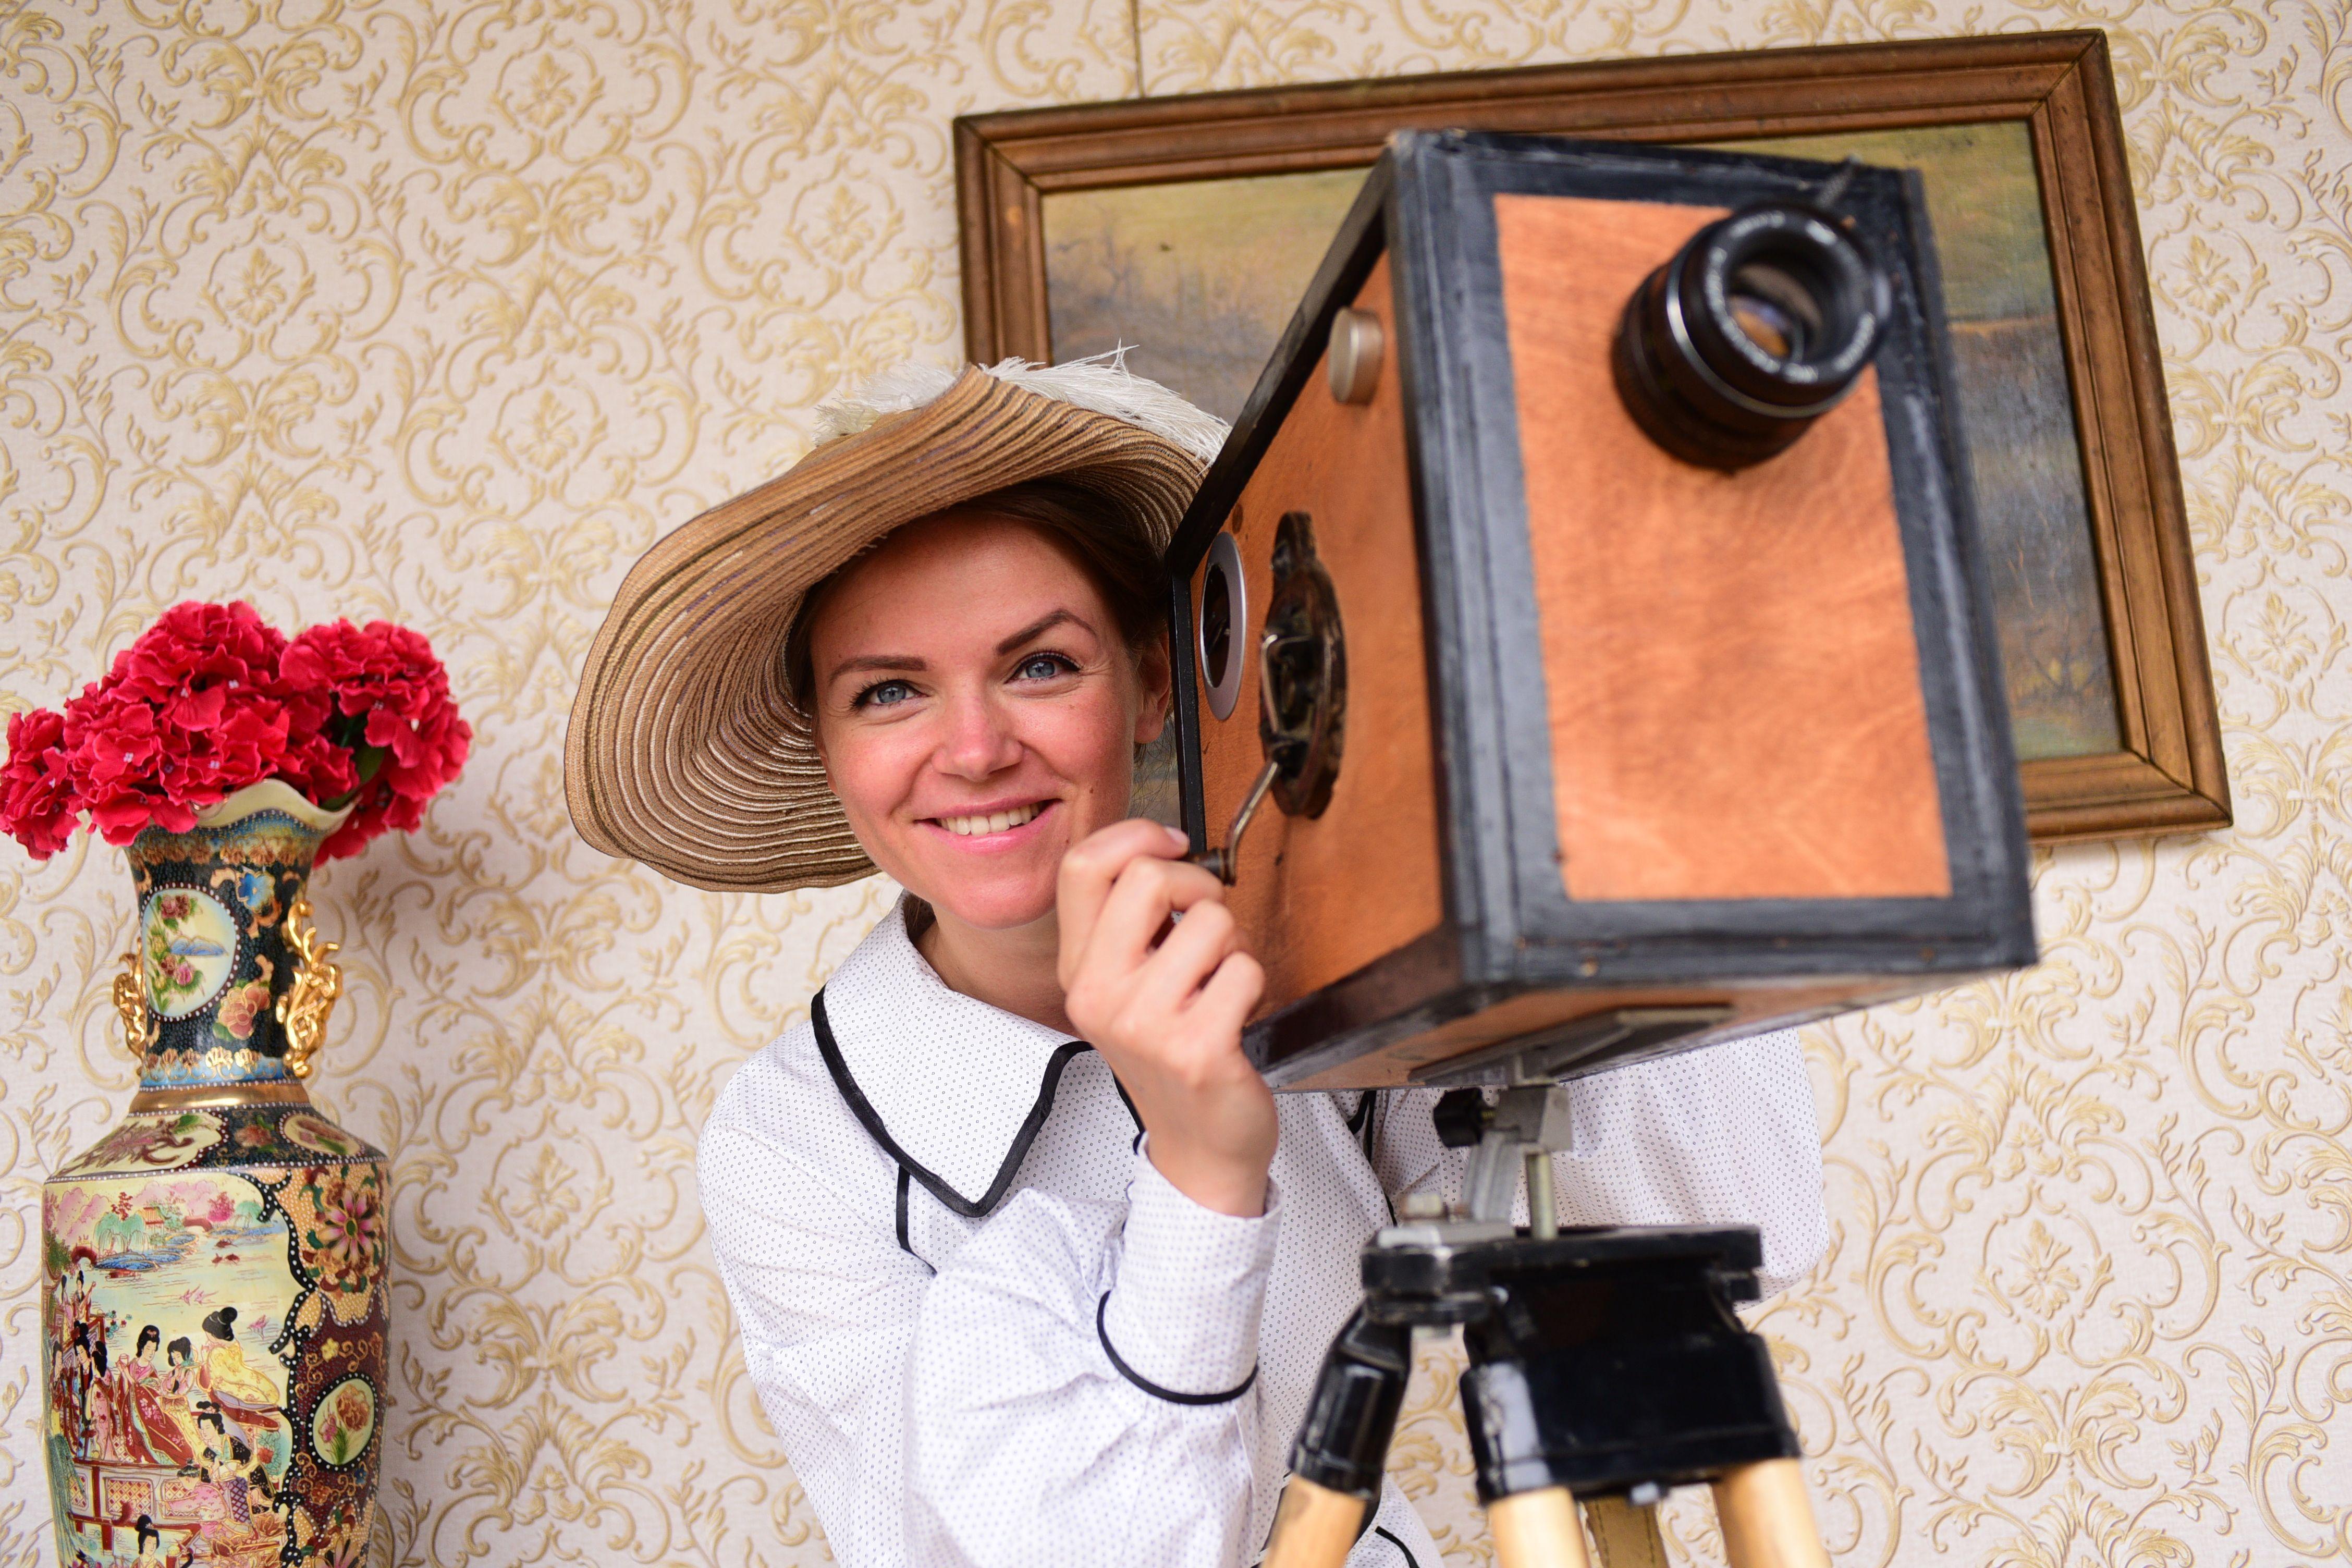 Авторские работы продемонстрируют начинающие режиссеры в Краснопахорском